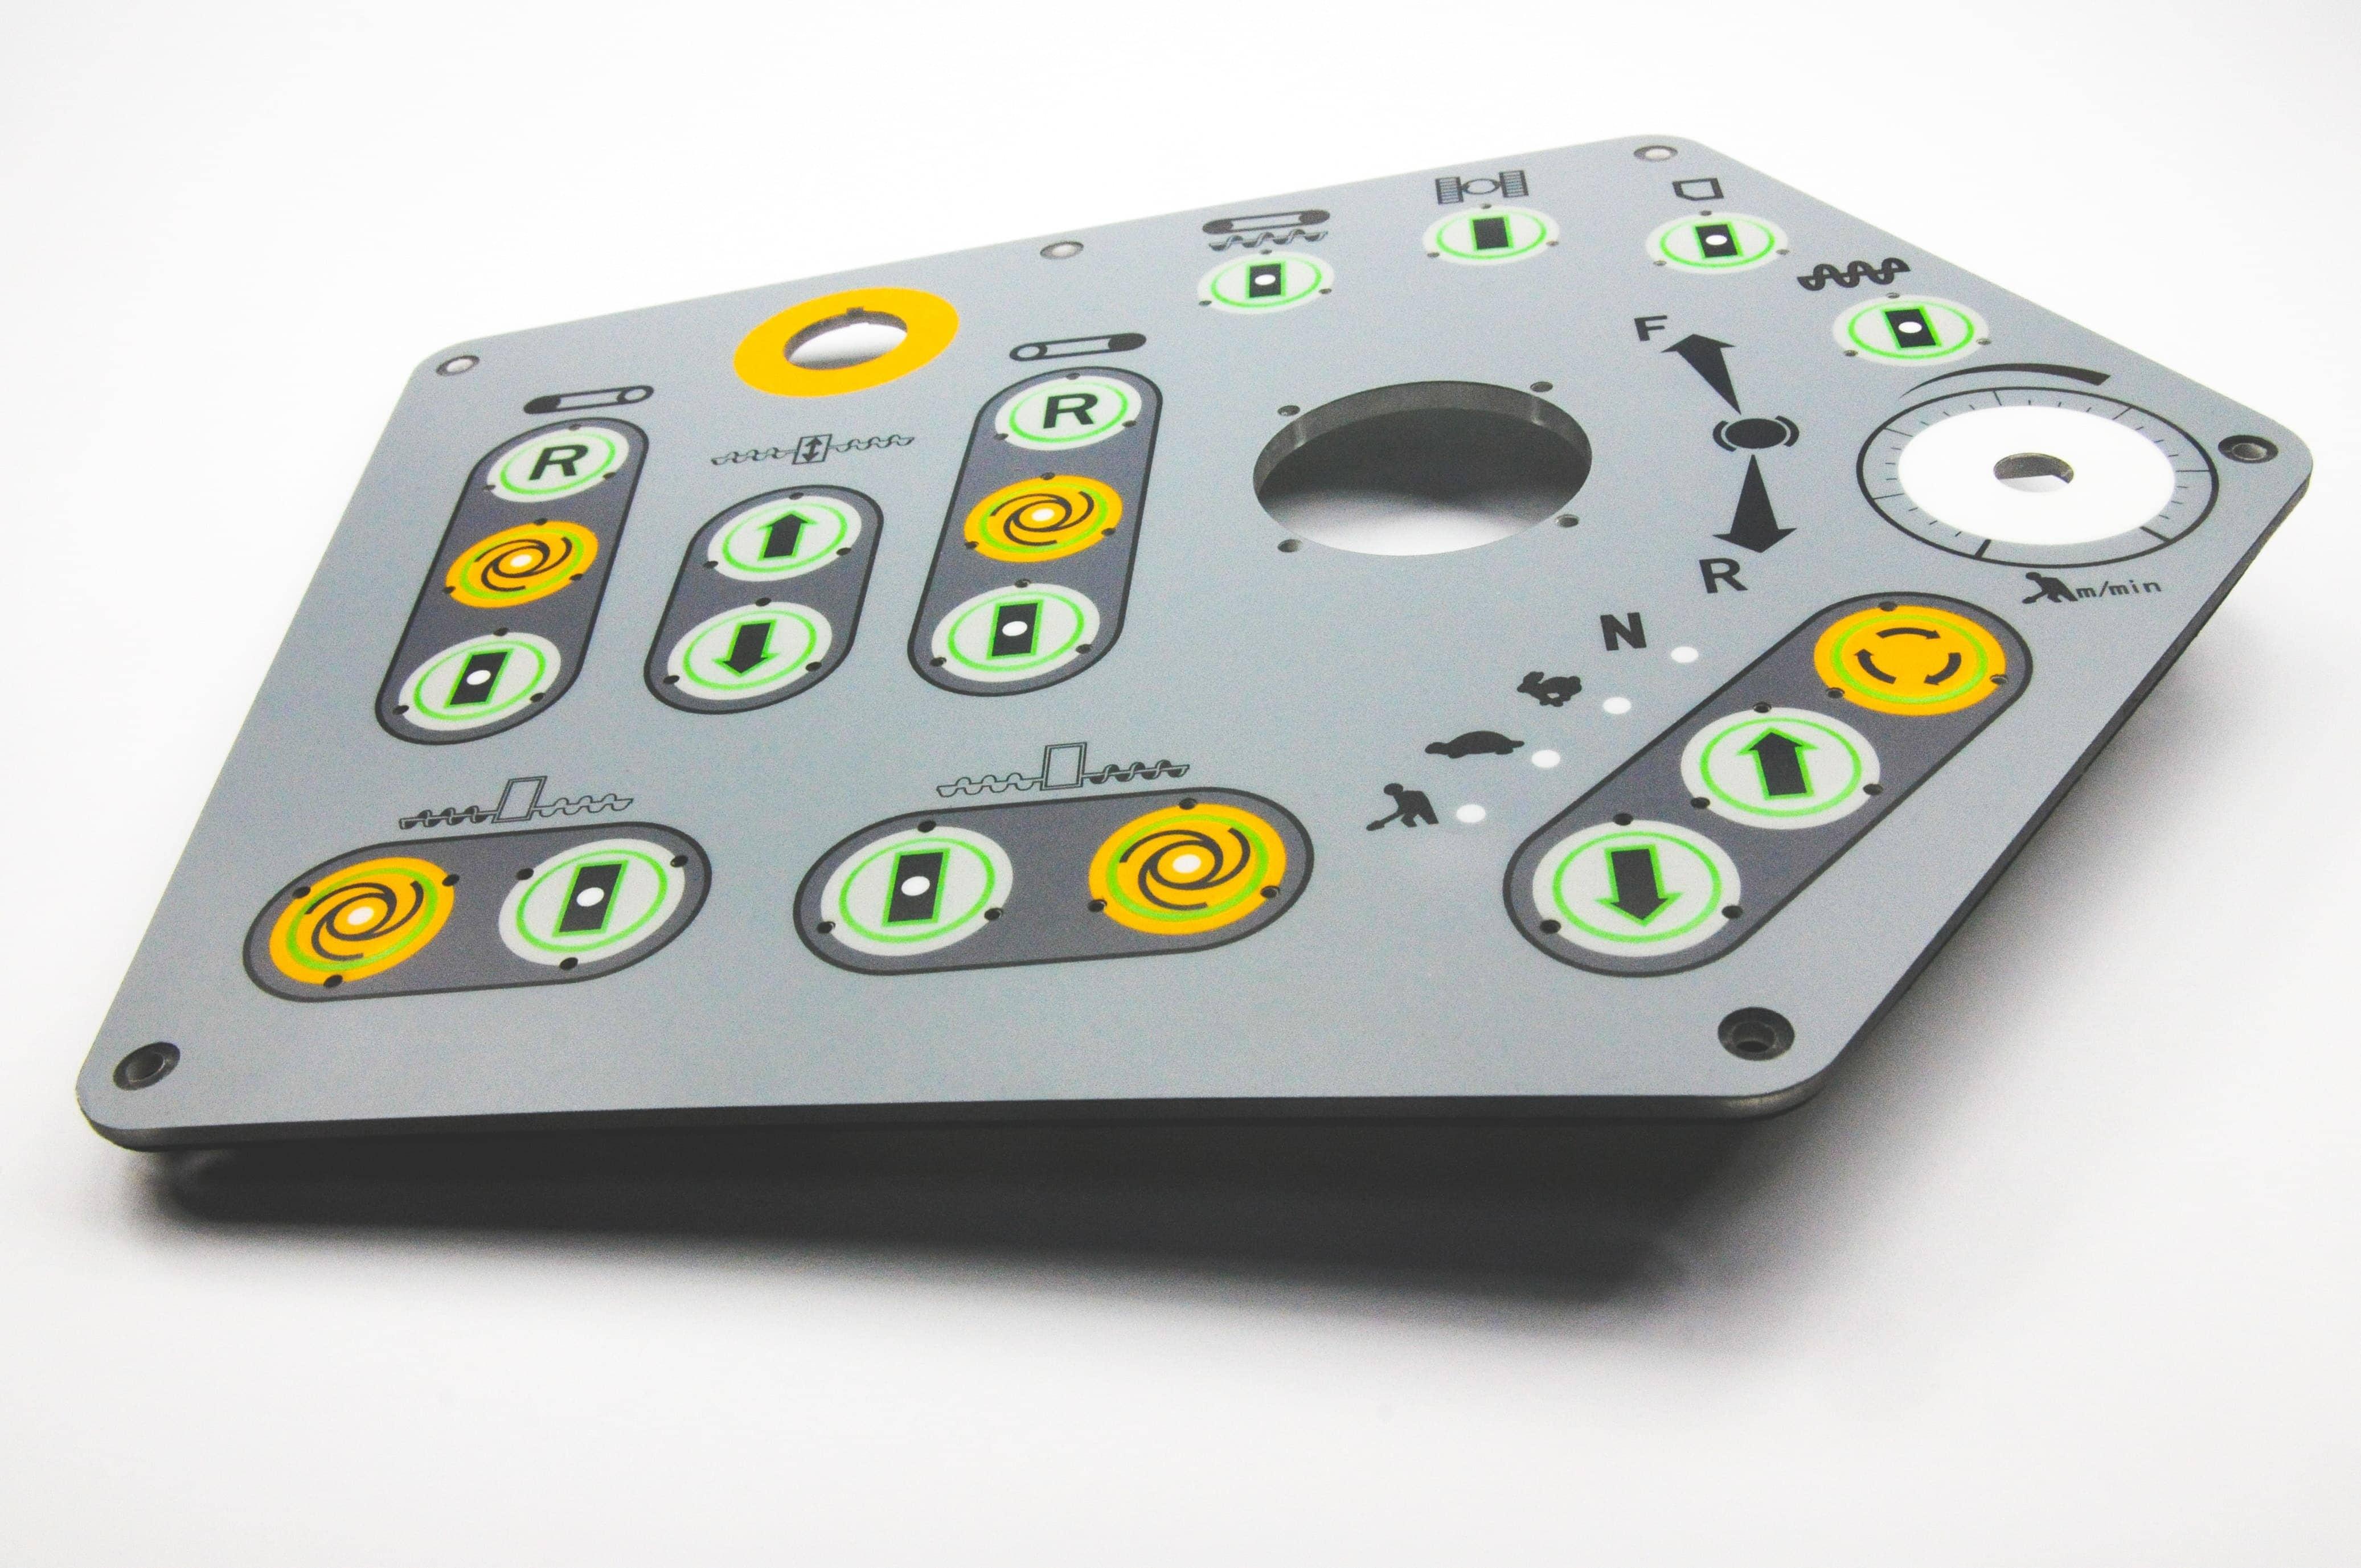 Folientastatur mit Buttons